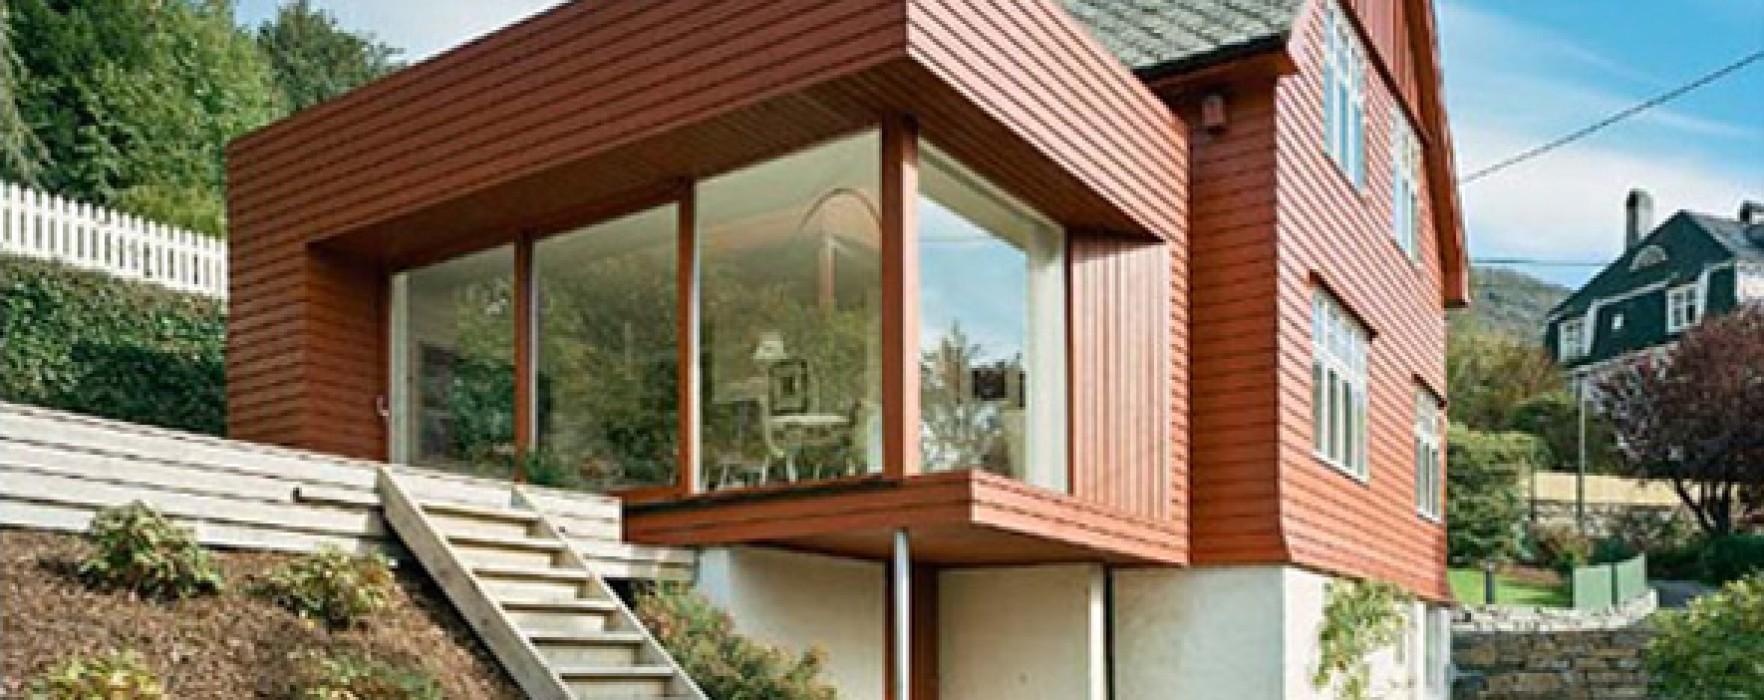 Una casa prefabbricata in legno economica for Costruire una casa in legno